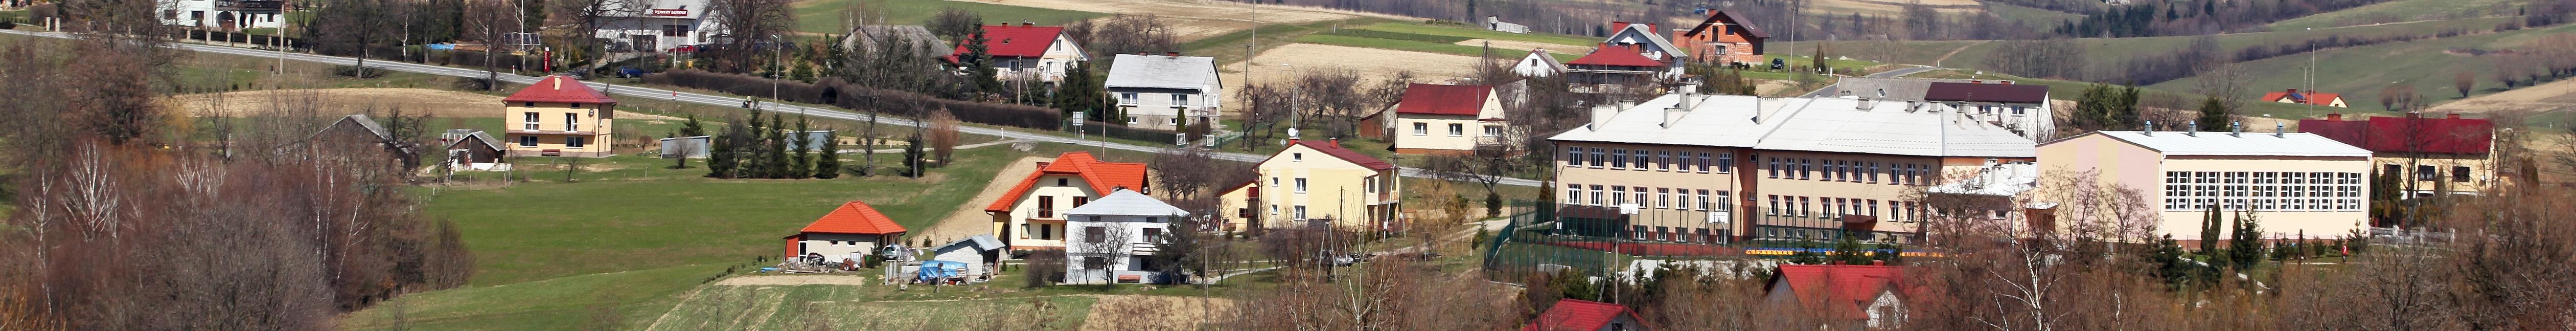 zssiedliska-panorama